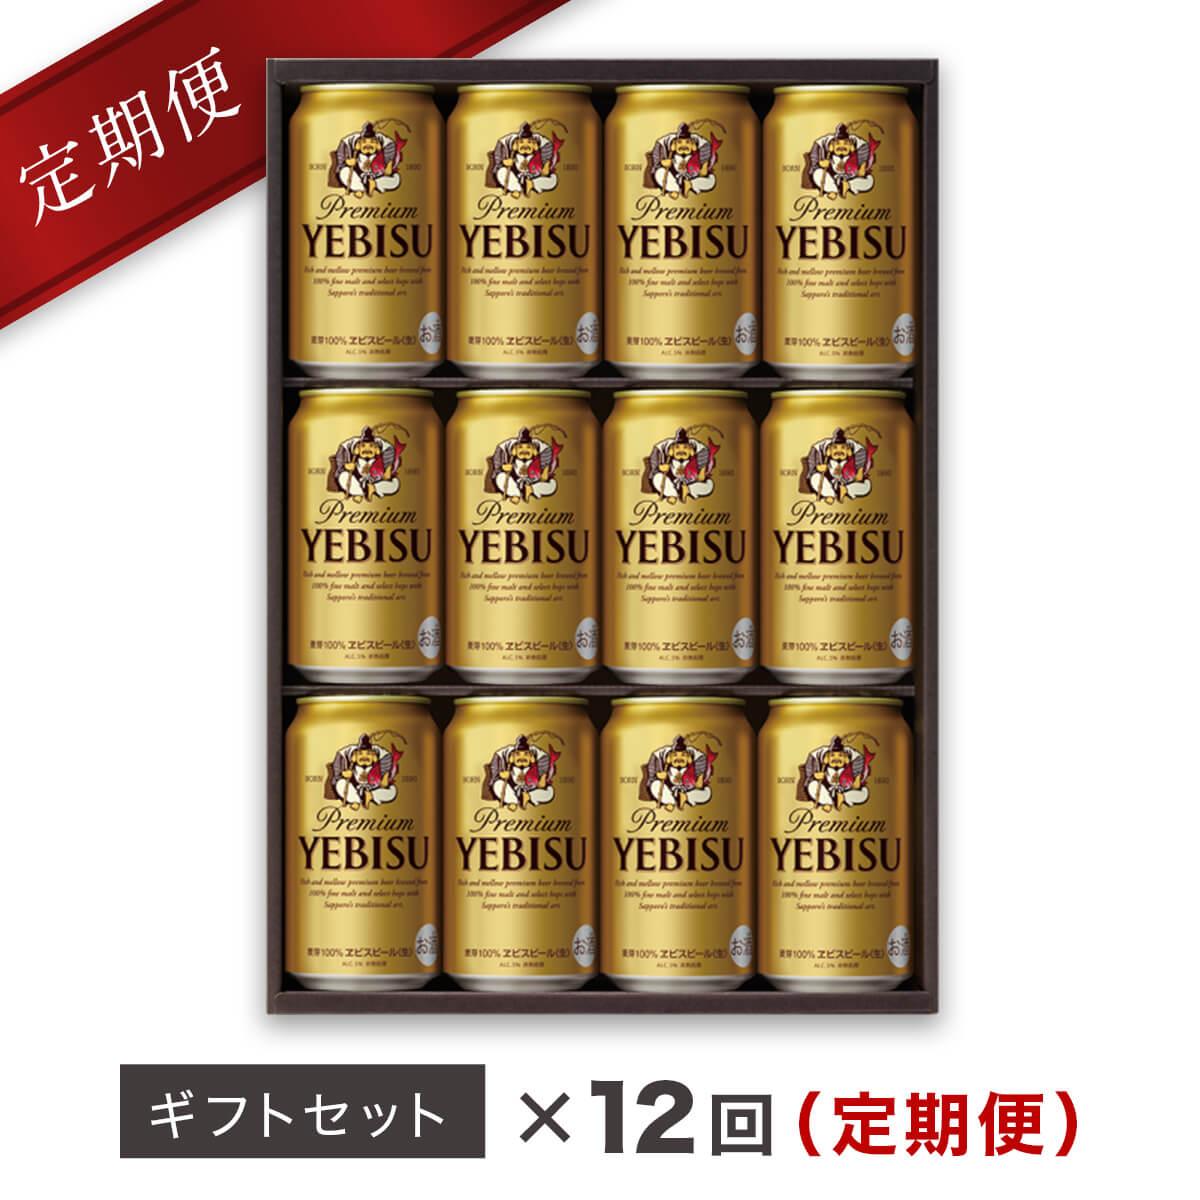 【ふるさと納税】地元名取生産ヱビスビール 350ml×12本セット 定期便12回